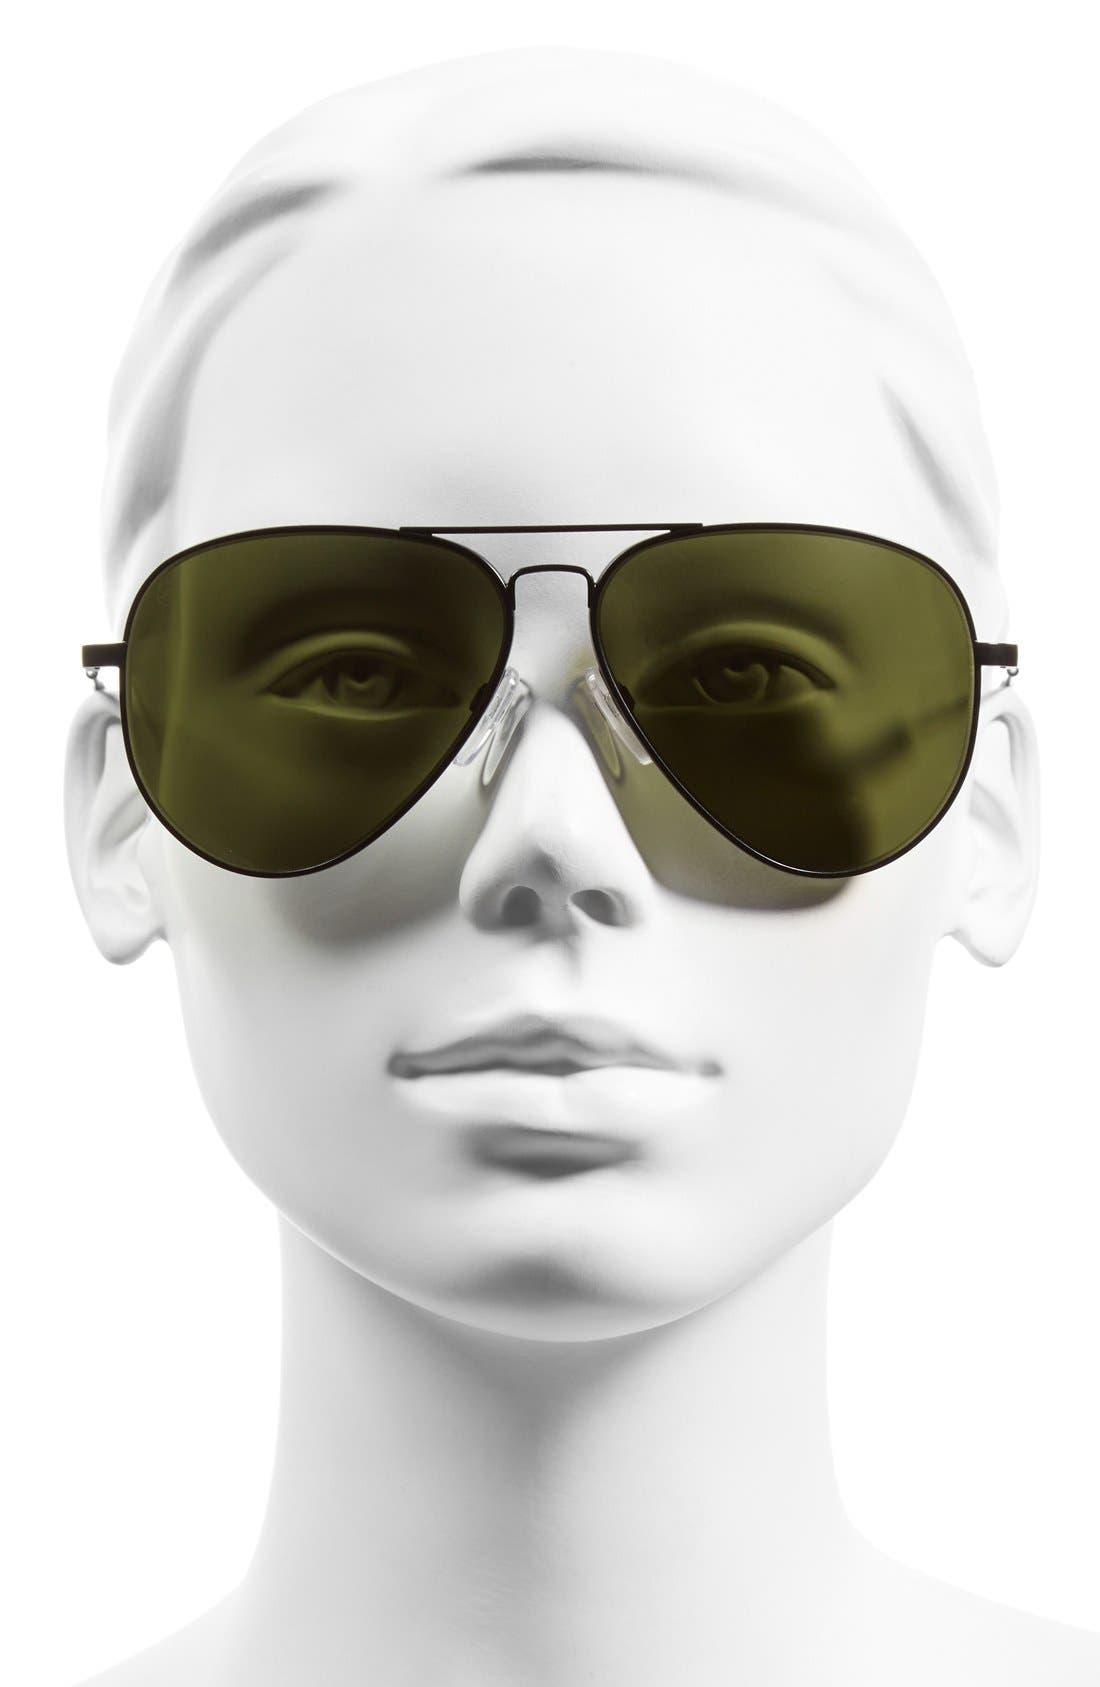 'AV1 XL' 62mm Aviator Sunglasses,                             Alternate thumbnail 2, color,                             Black/ Grey